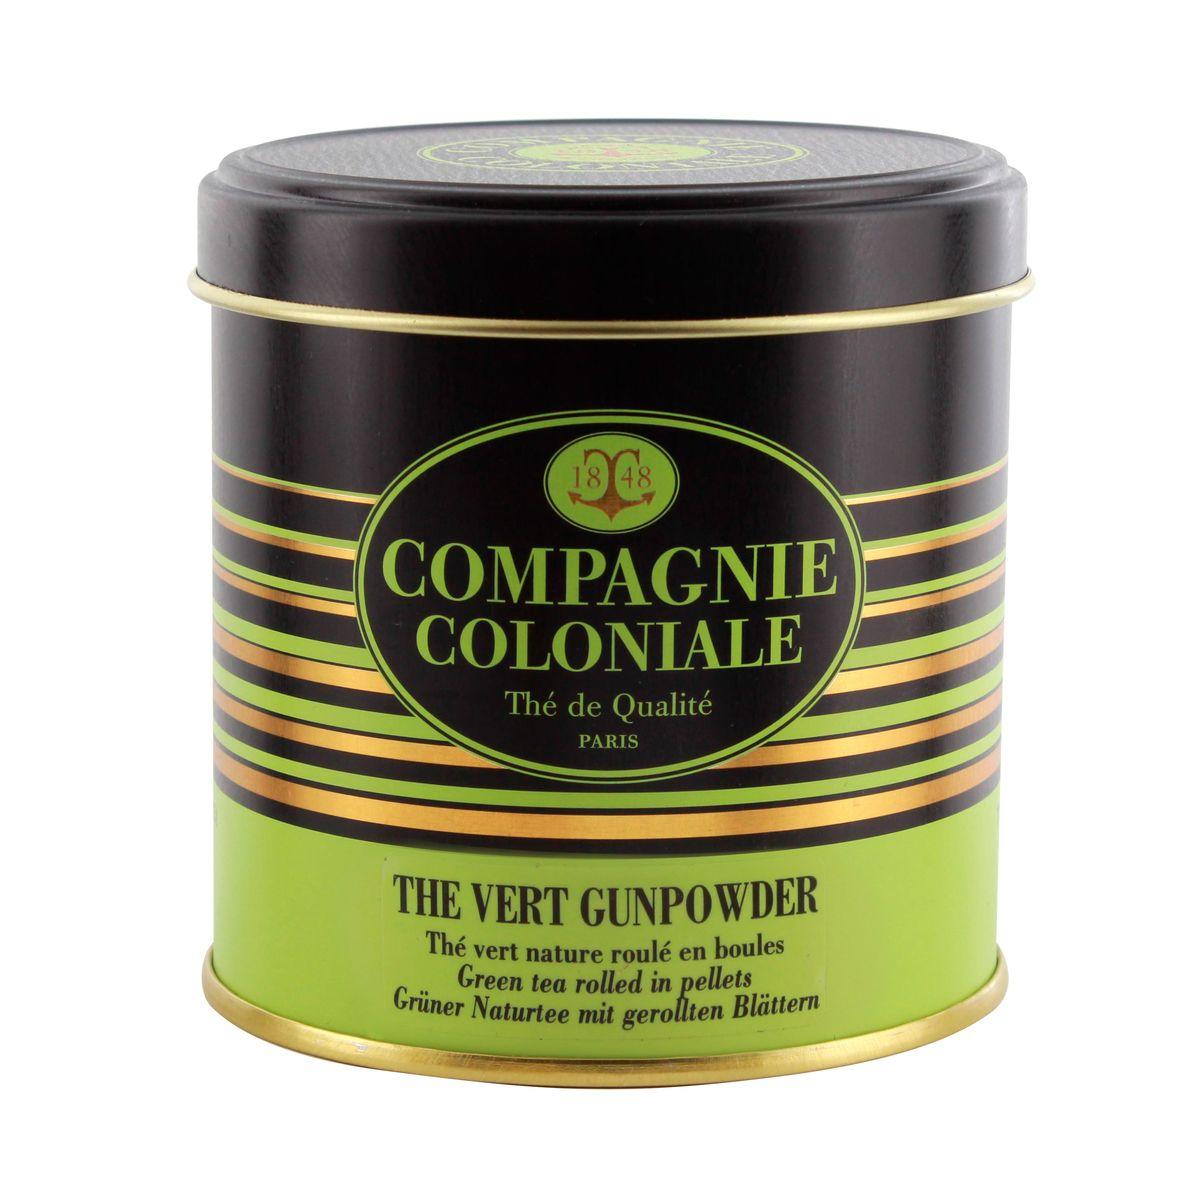 Thé vert nature et aromatisé boîte métal thé vert Gunpowder - Compagnie Coloniale